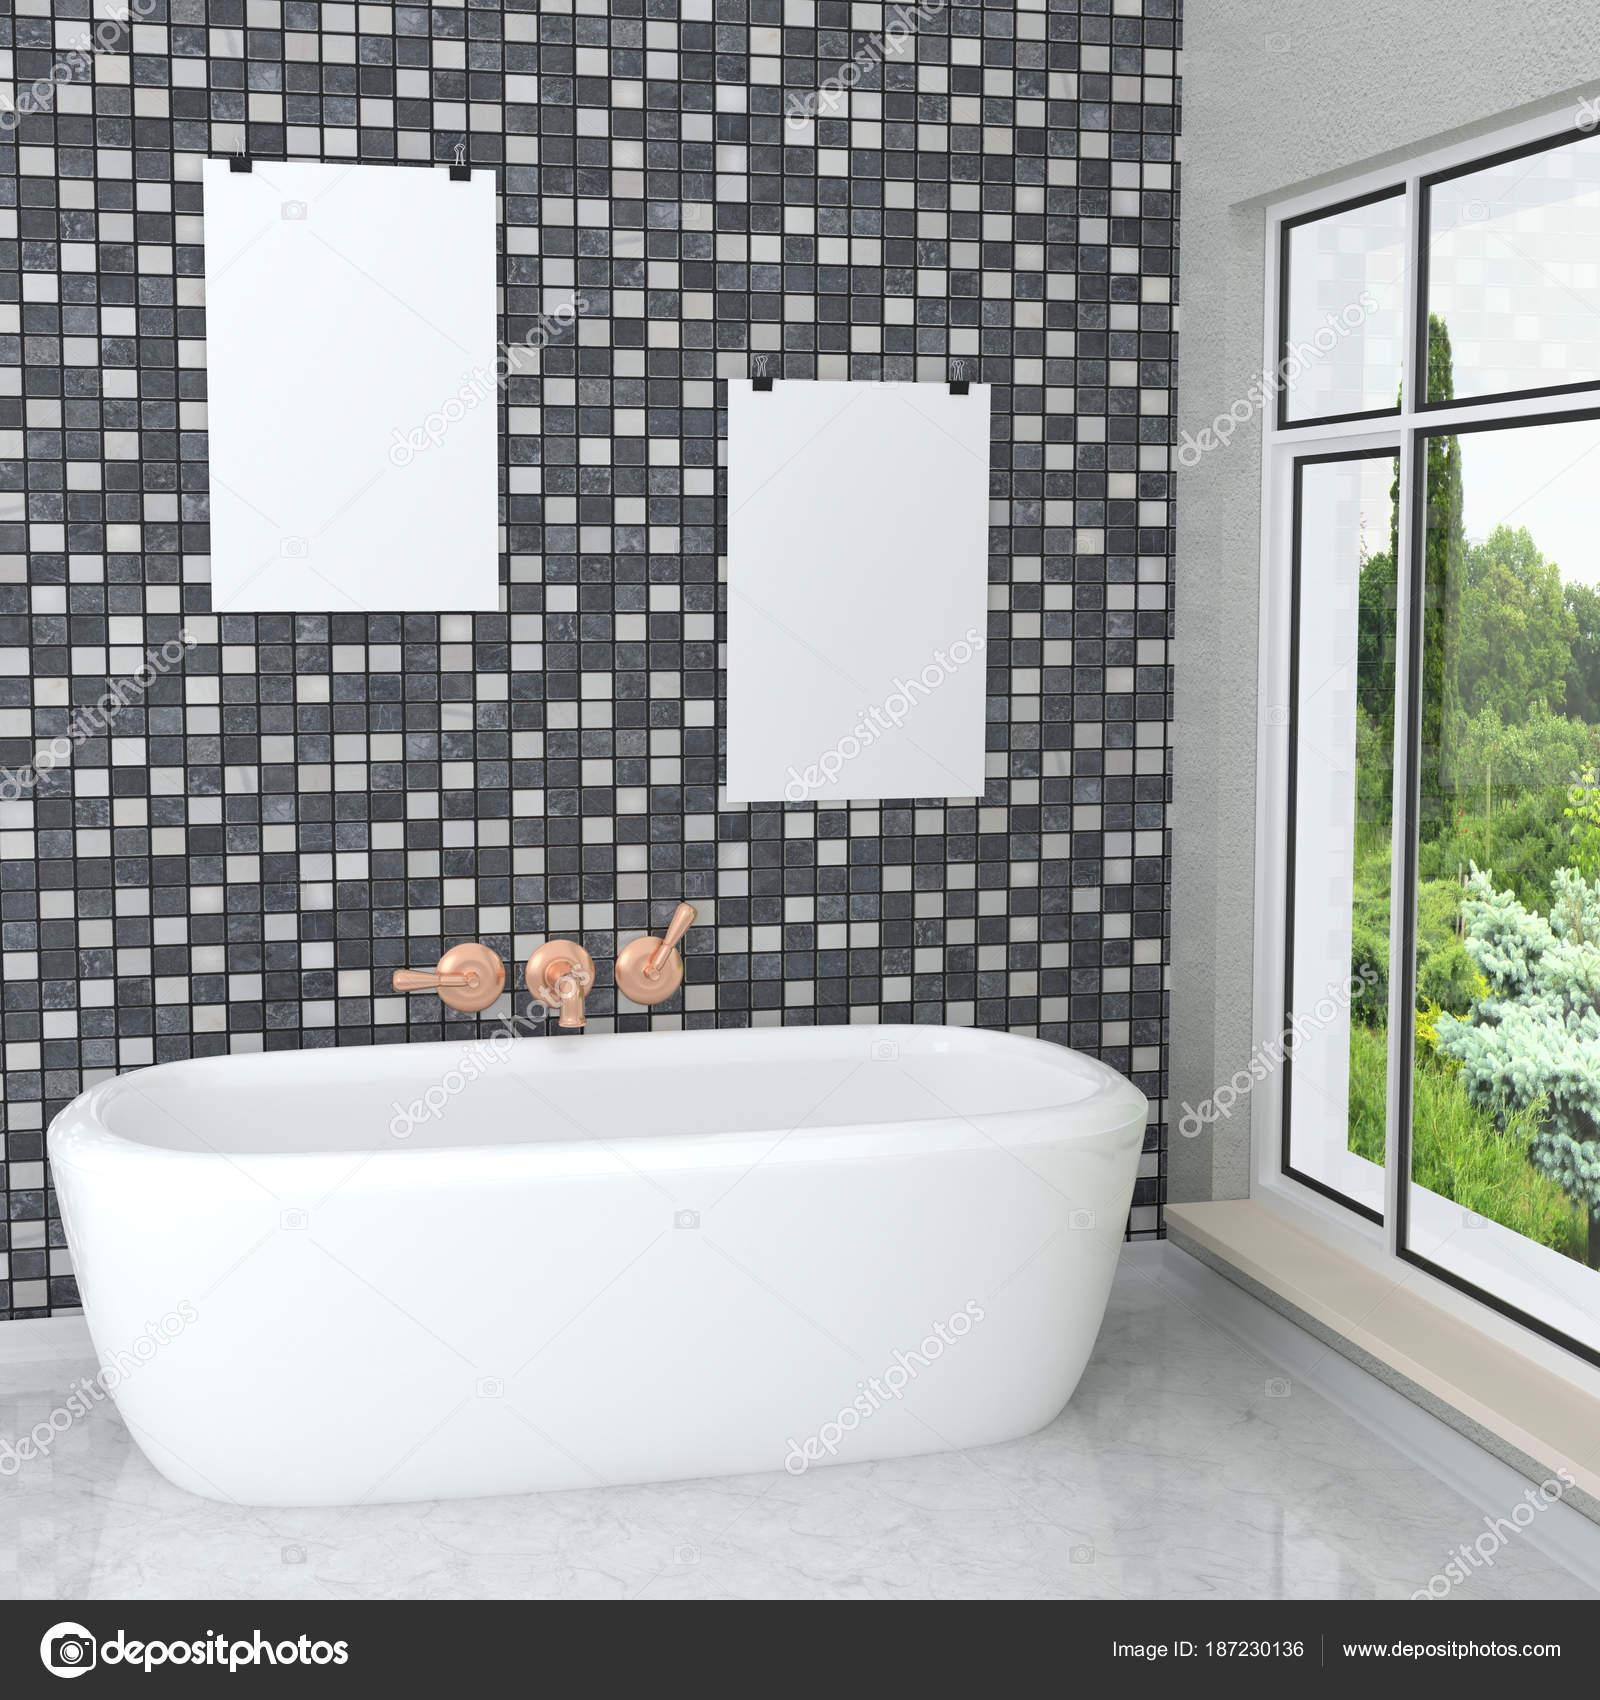 Objet Dans Salle De Bain Liste ~ blanc moderne salle de bain luxueuse dans la salle de bain avec